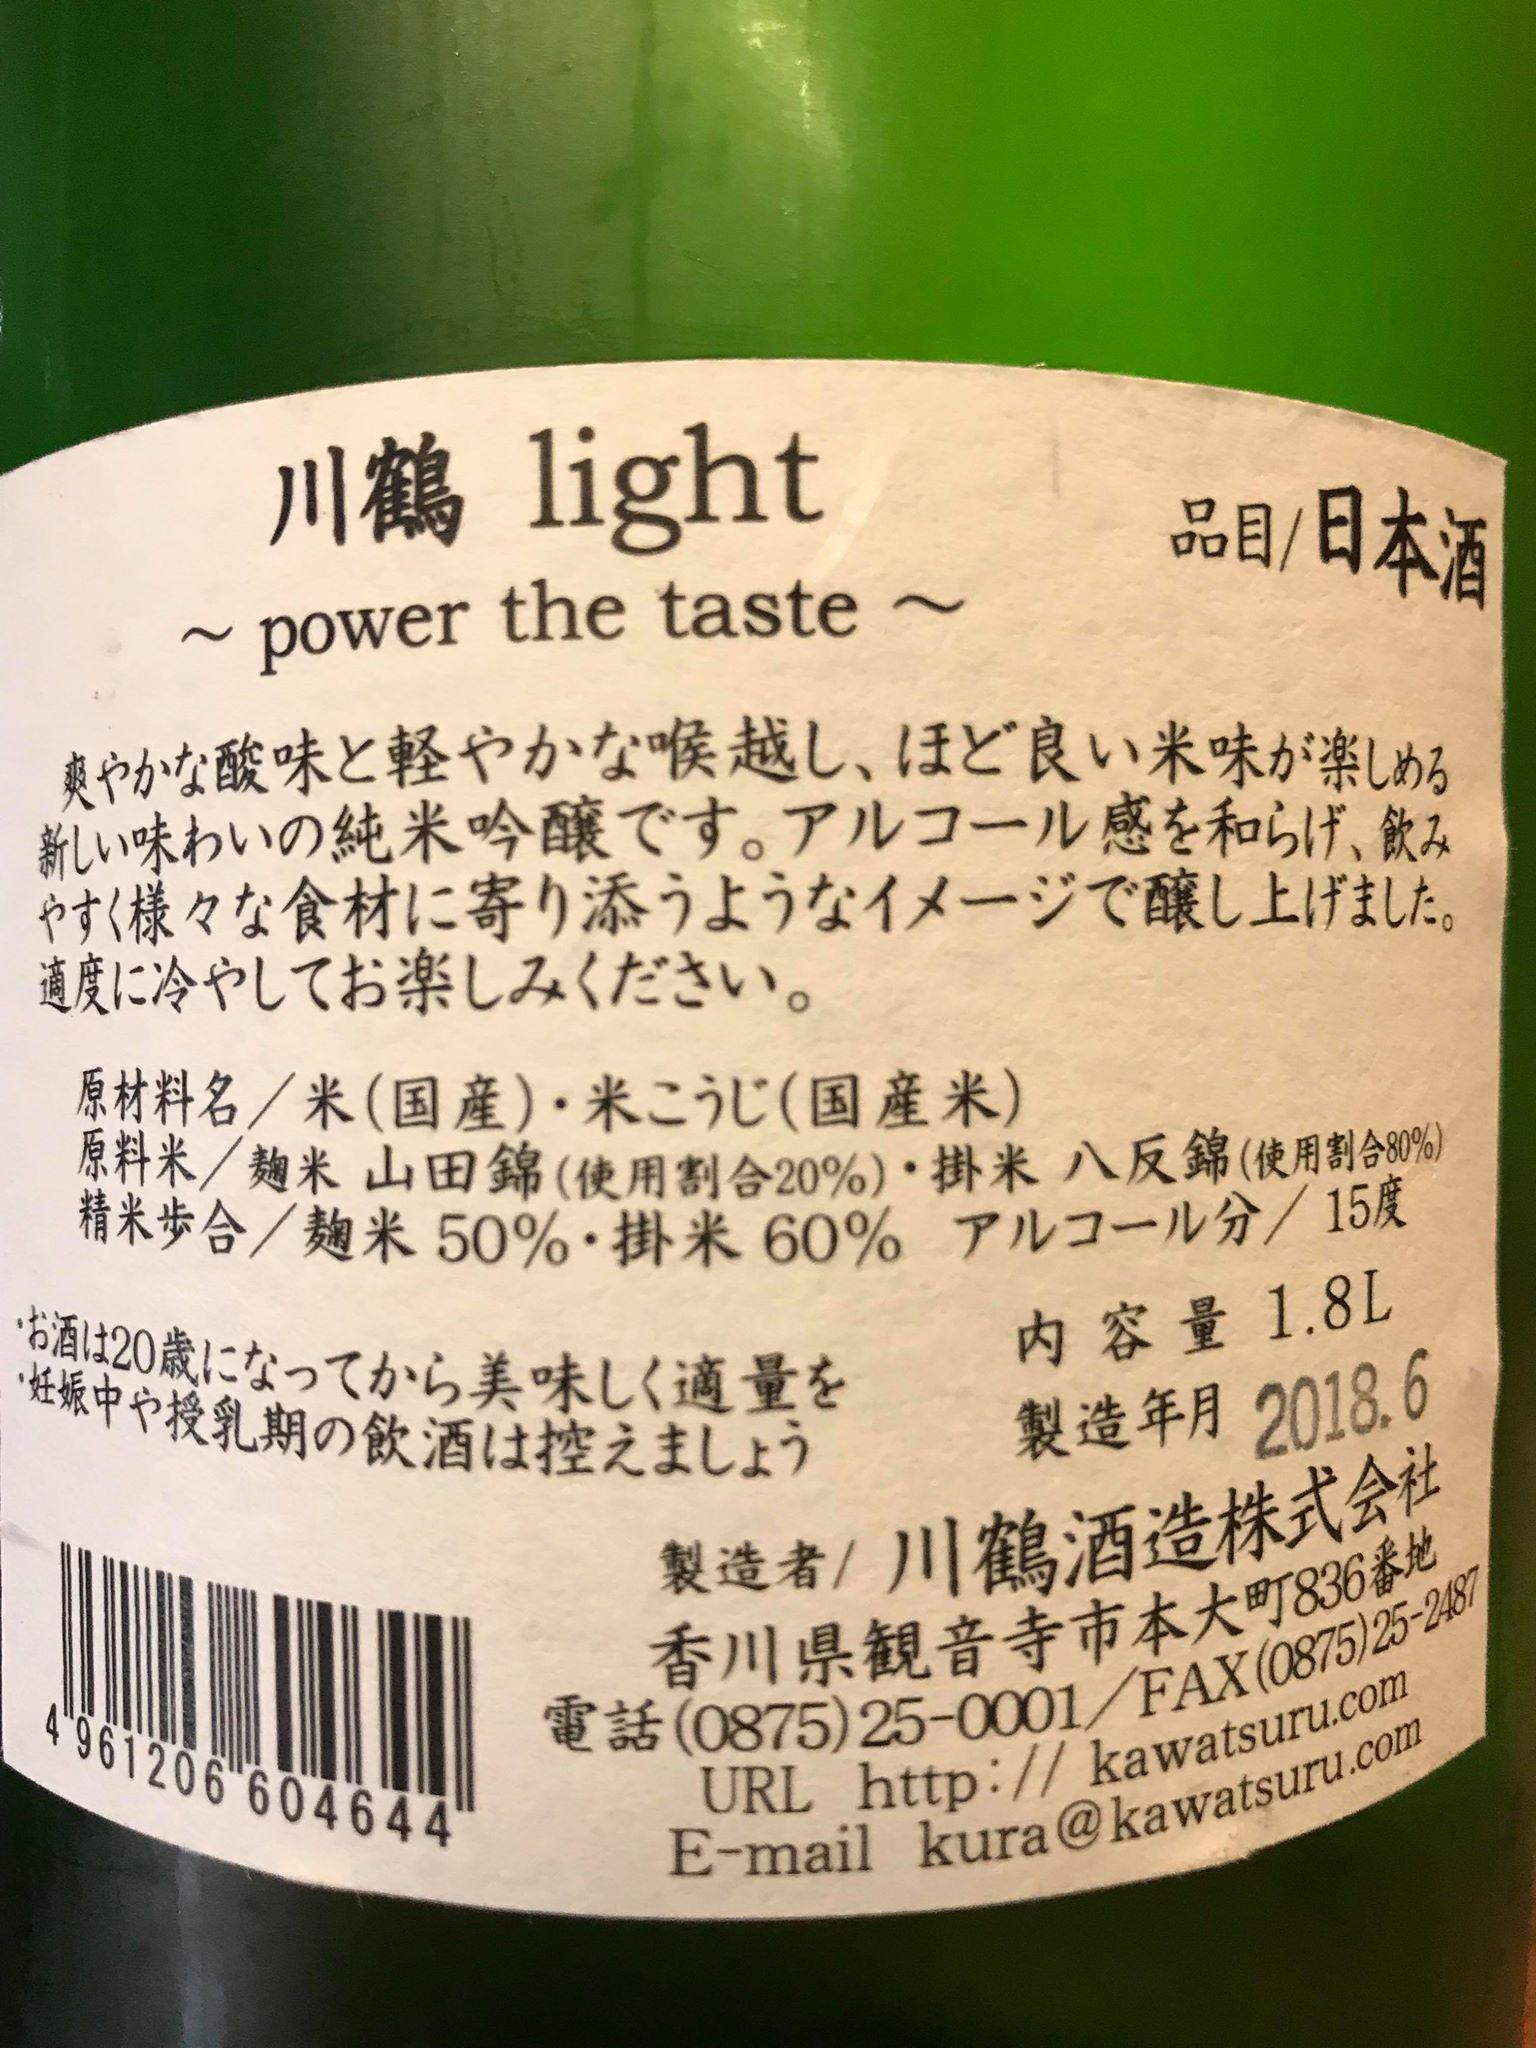 【日本酒】川鶴 light~power the taste~ 純米吟醸酒 限定 29BY_e0173738_1083999.jpg